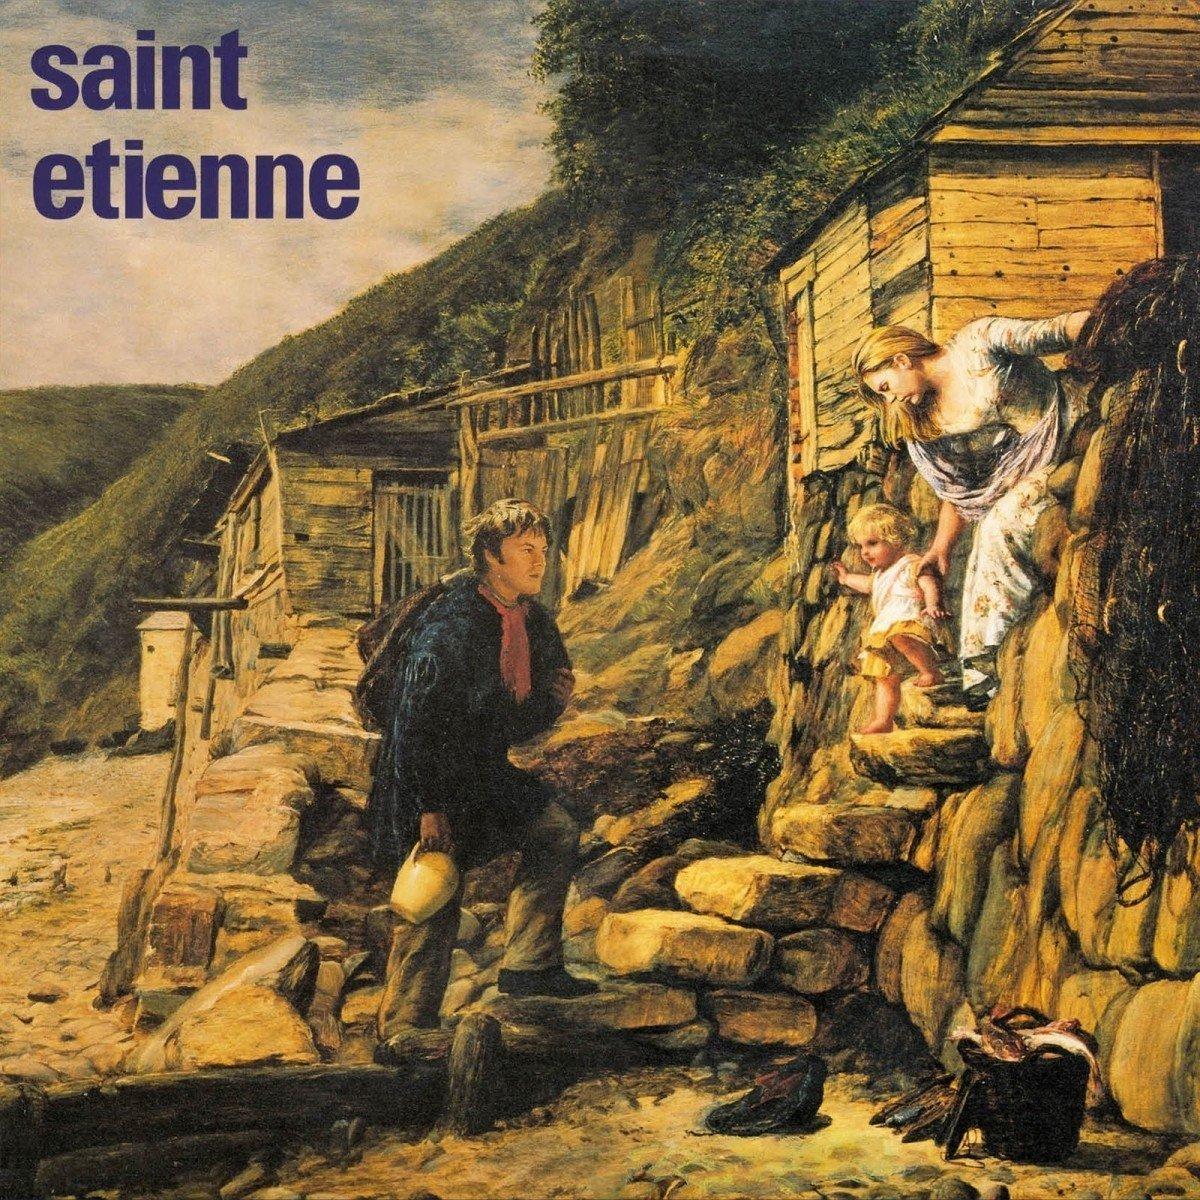 Saint Etienne Tiger Bay reissue